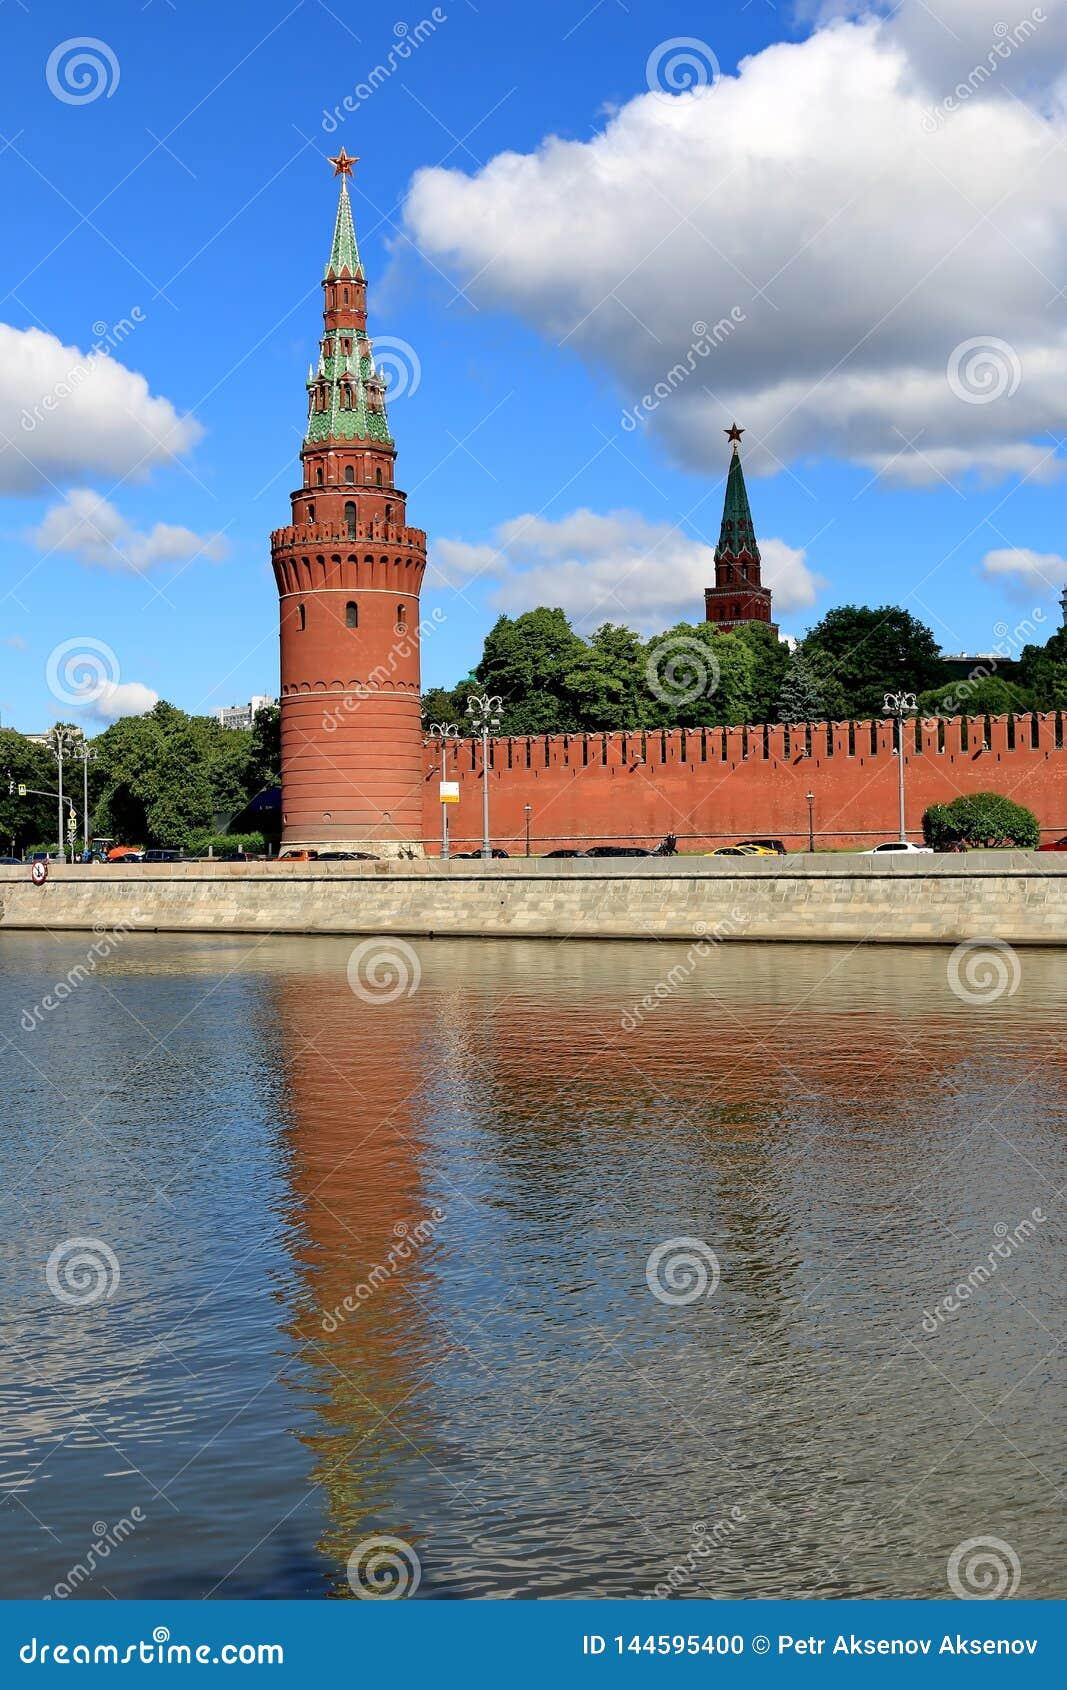 克里姆林宫和它的反射的Vodovzvodnaya塔在水中